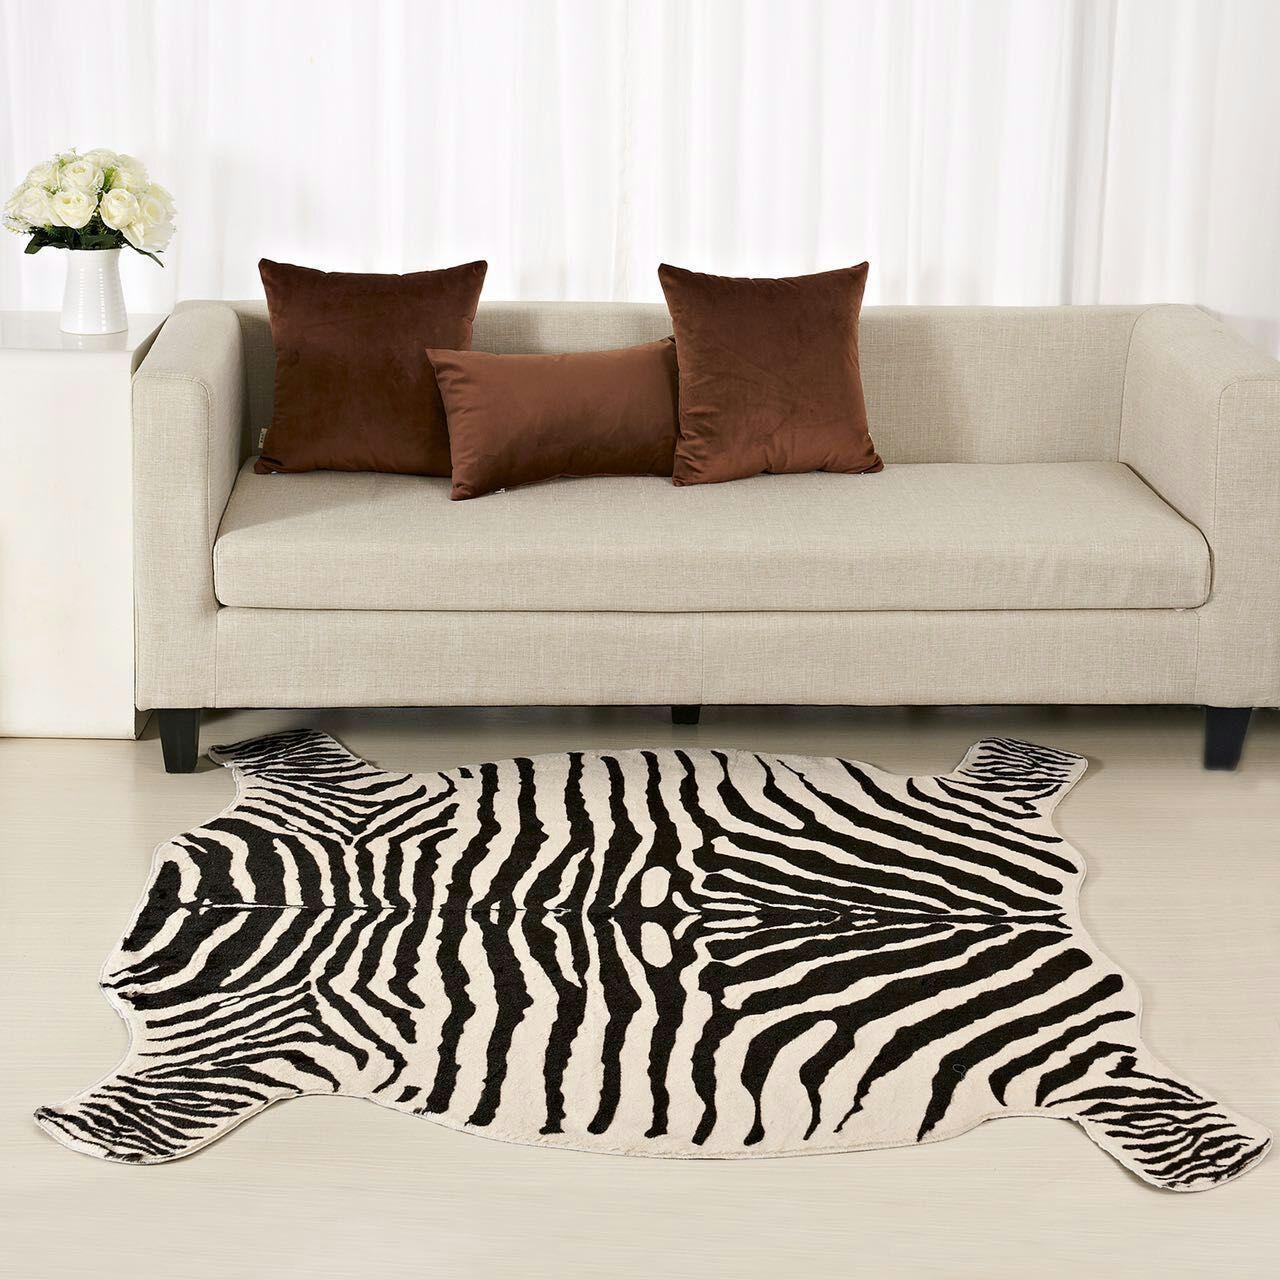 Zèbre/vache imprimé tapis PV velours Imitation cuir tapis peaux d'animaux forme naturelle tapis décoration tapis